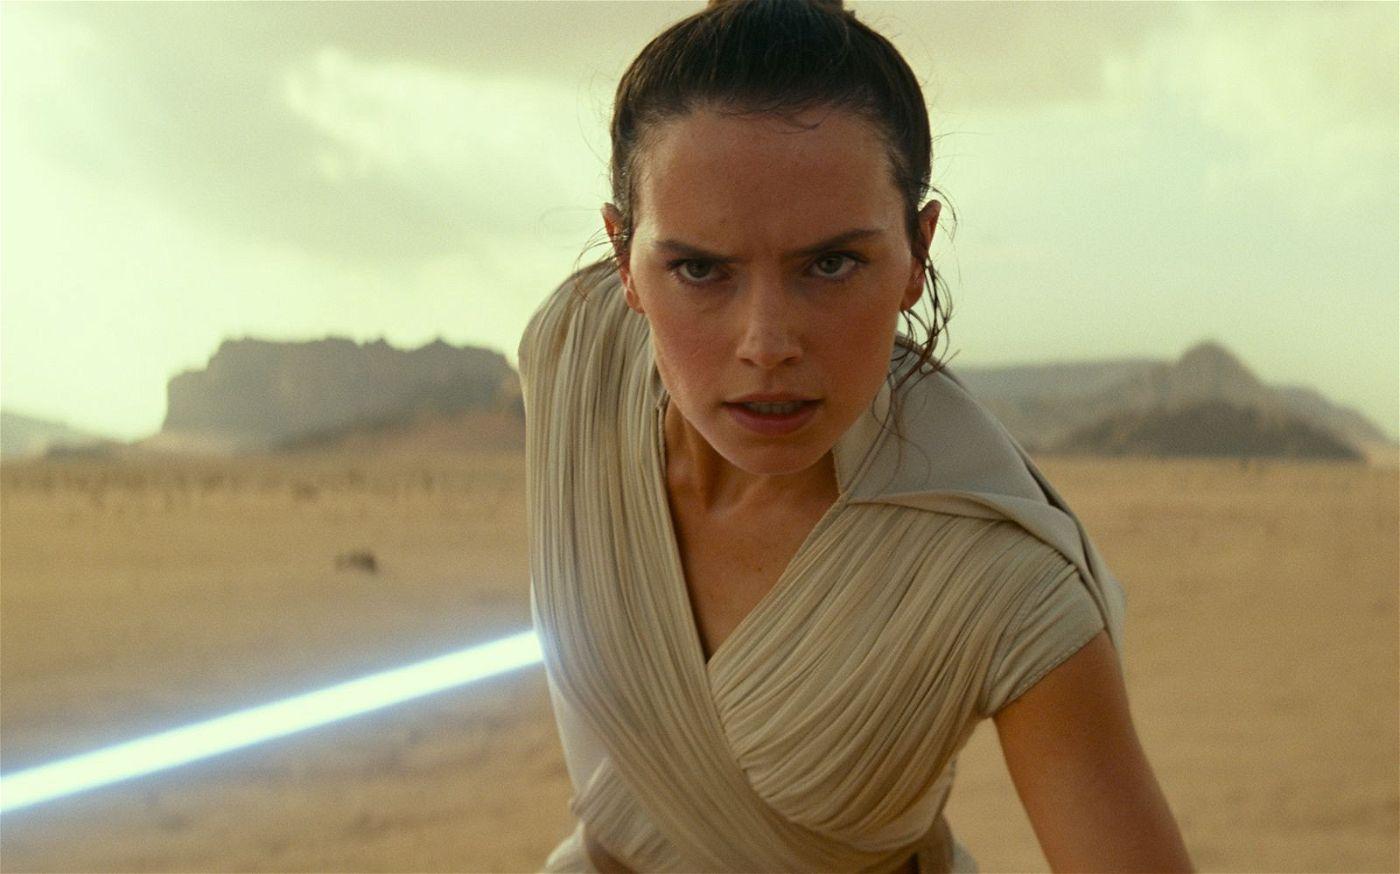 In der Wüste trifft Rey (Daisy Ridley) auf Kylo Ren. Sie macht sich bereit, um ihn in mit einem spektakulären Angriff außer Gefecht zu setzen.